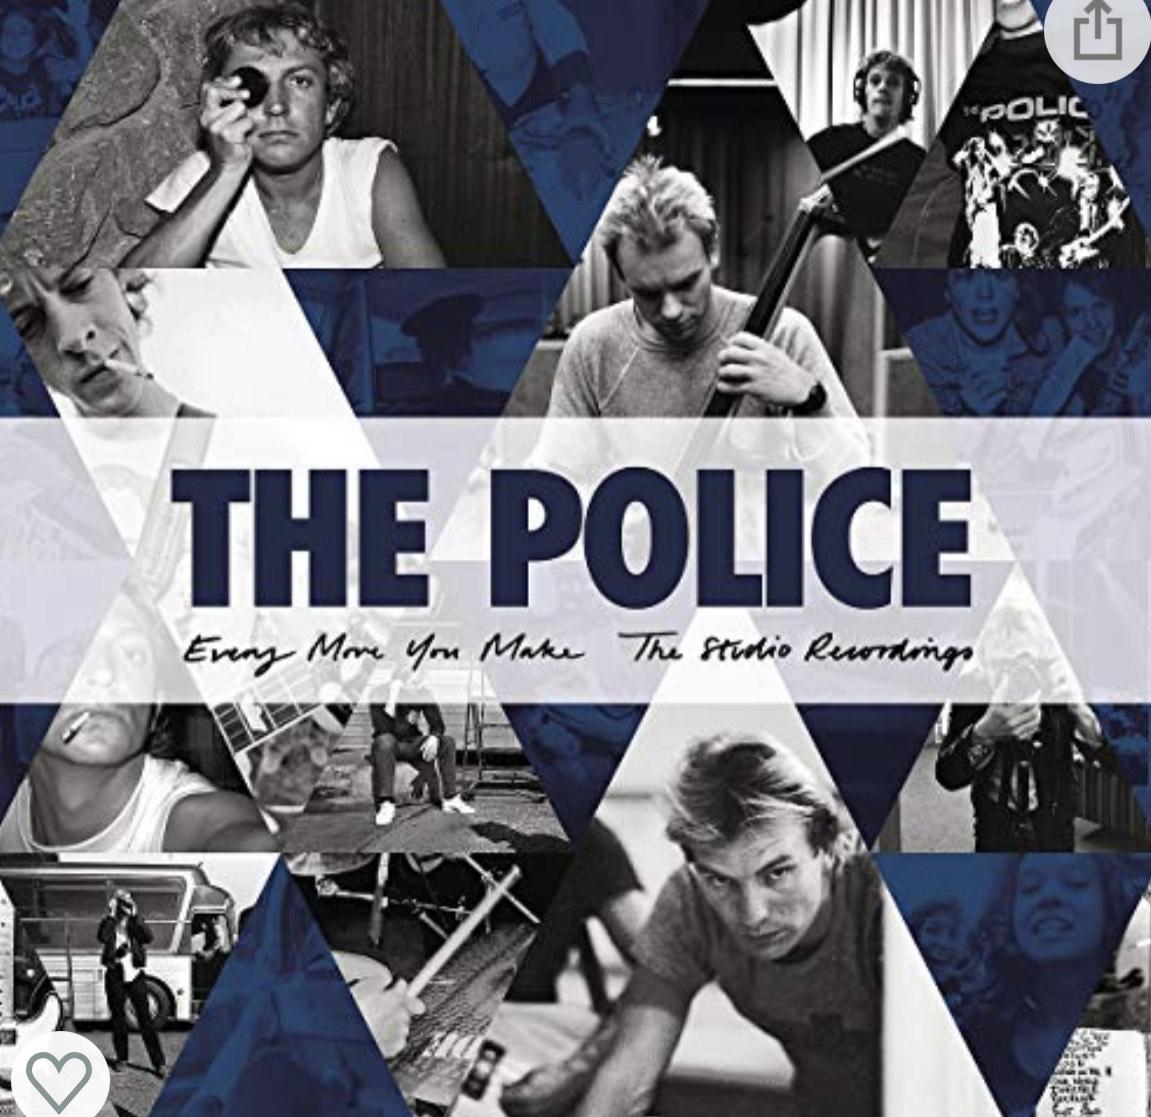 Discografia The Police en cds remasterizada y con una calidad excelente.